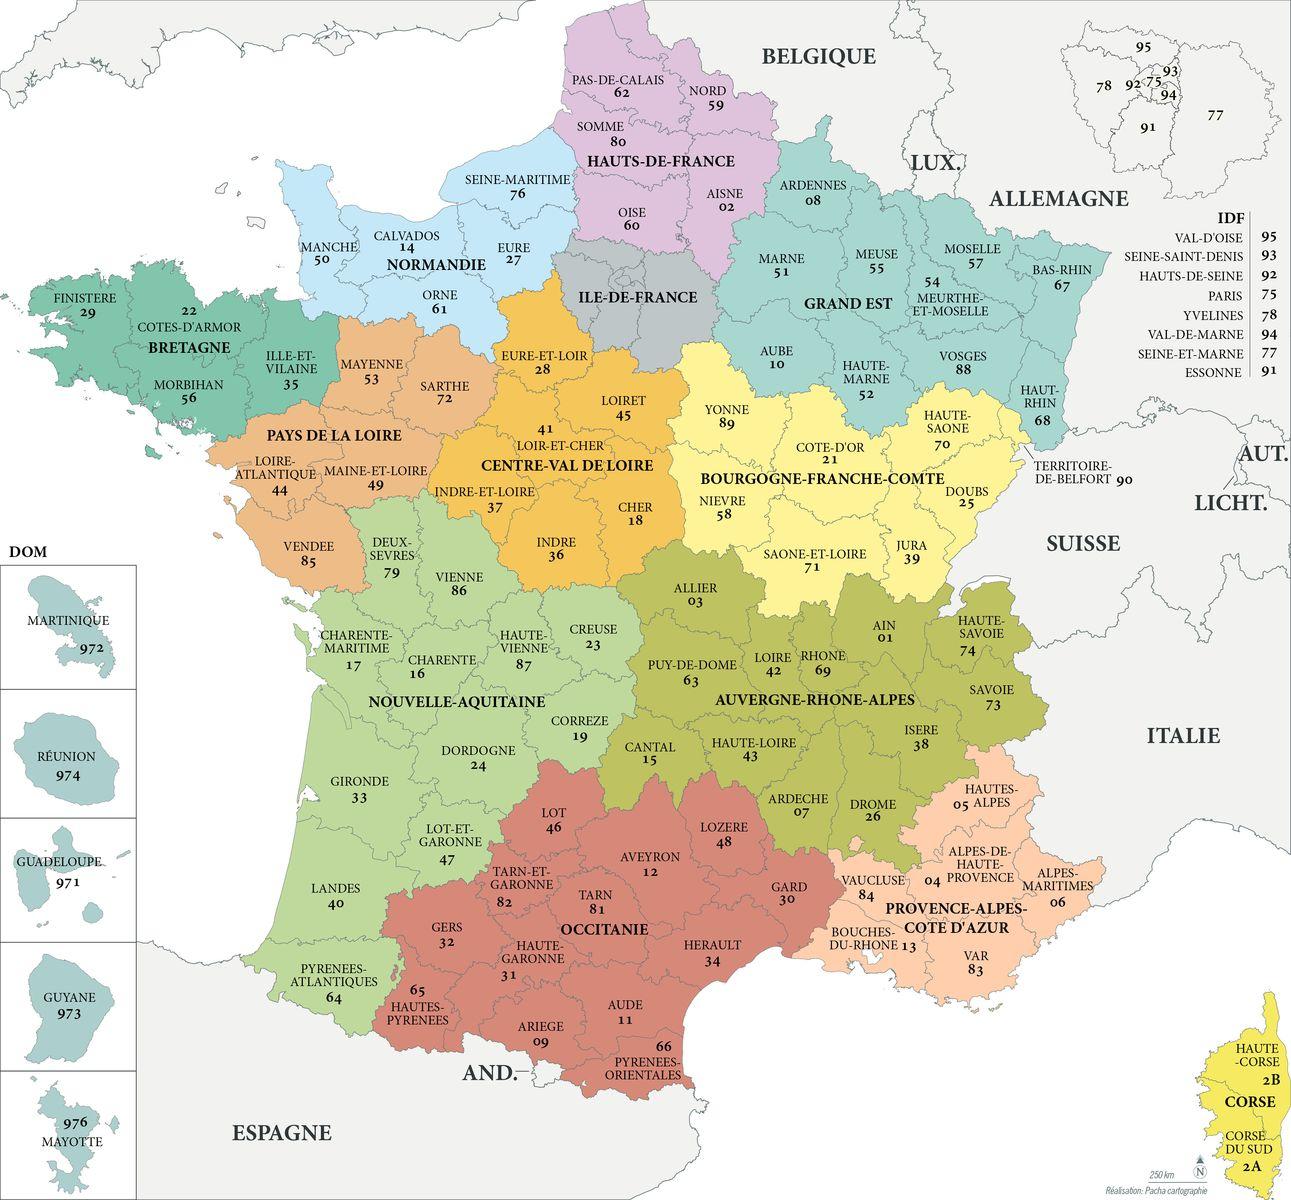 Fonds De Carte France - Les Limites Administratives - Pacha encequiconcerne Carte De France Avec Villes Et Départements